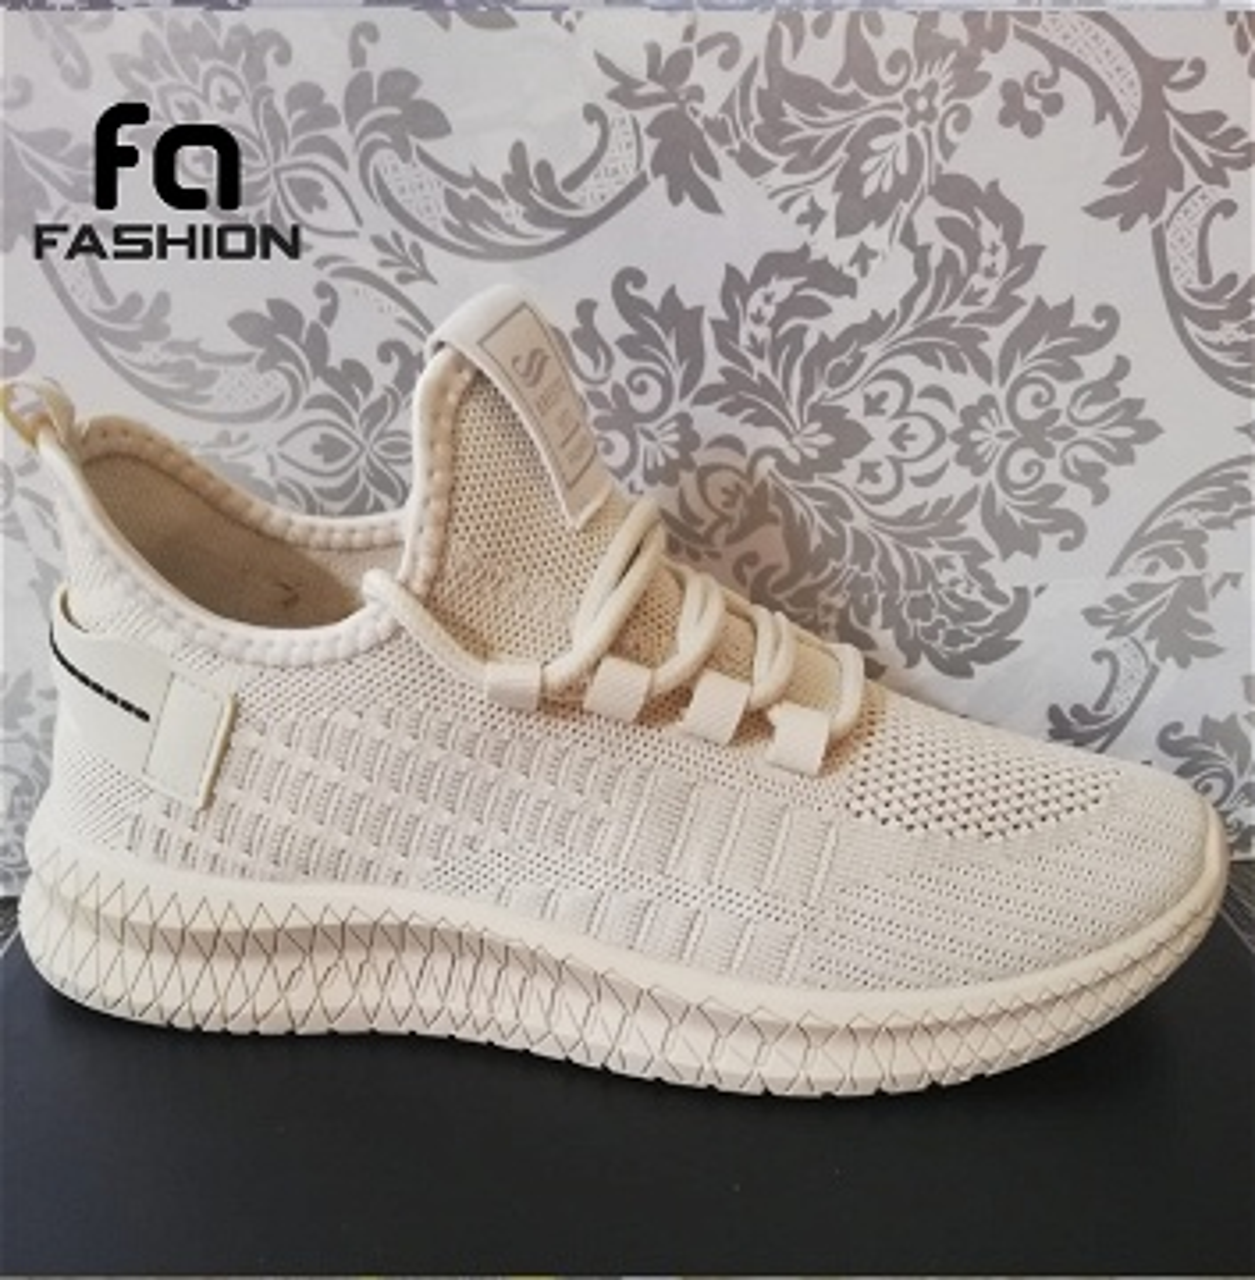 fashion 2021  Nouveau chaussures hommes  décontractées volant tissé maille respirant baskets